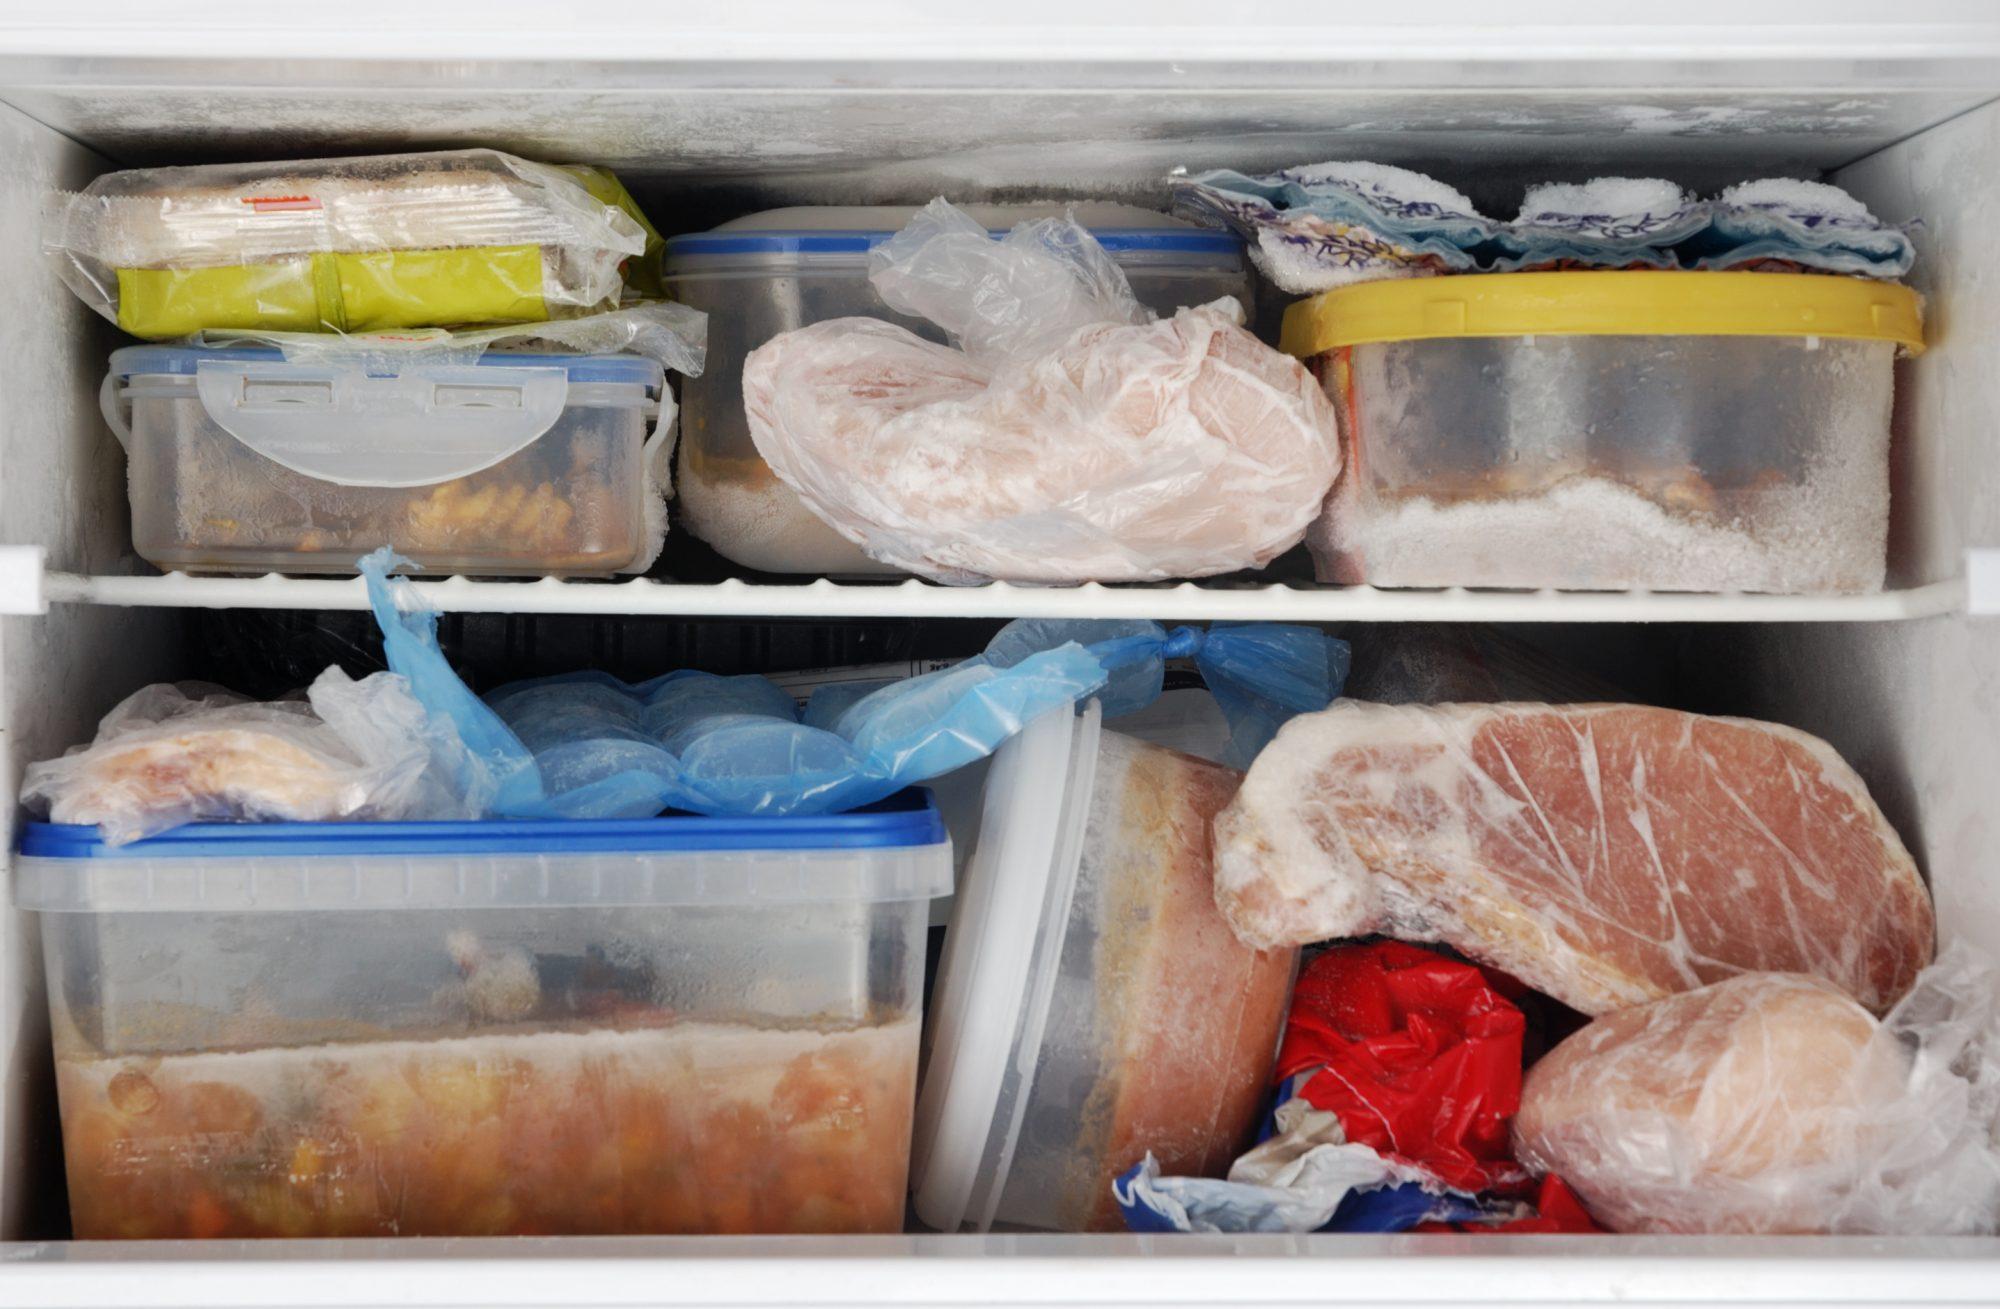 getty-freezer-image